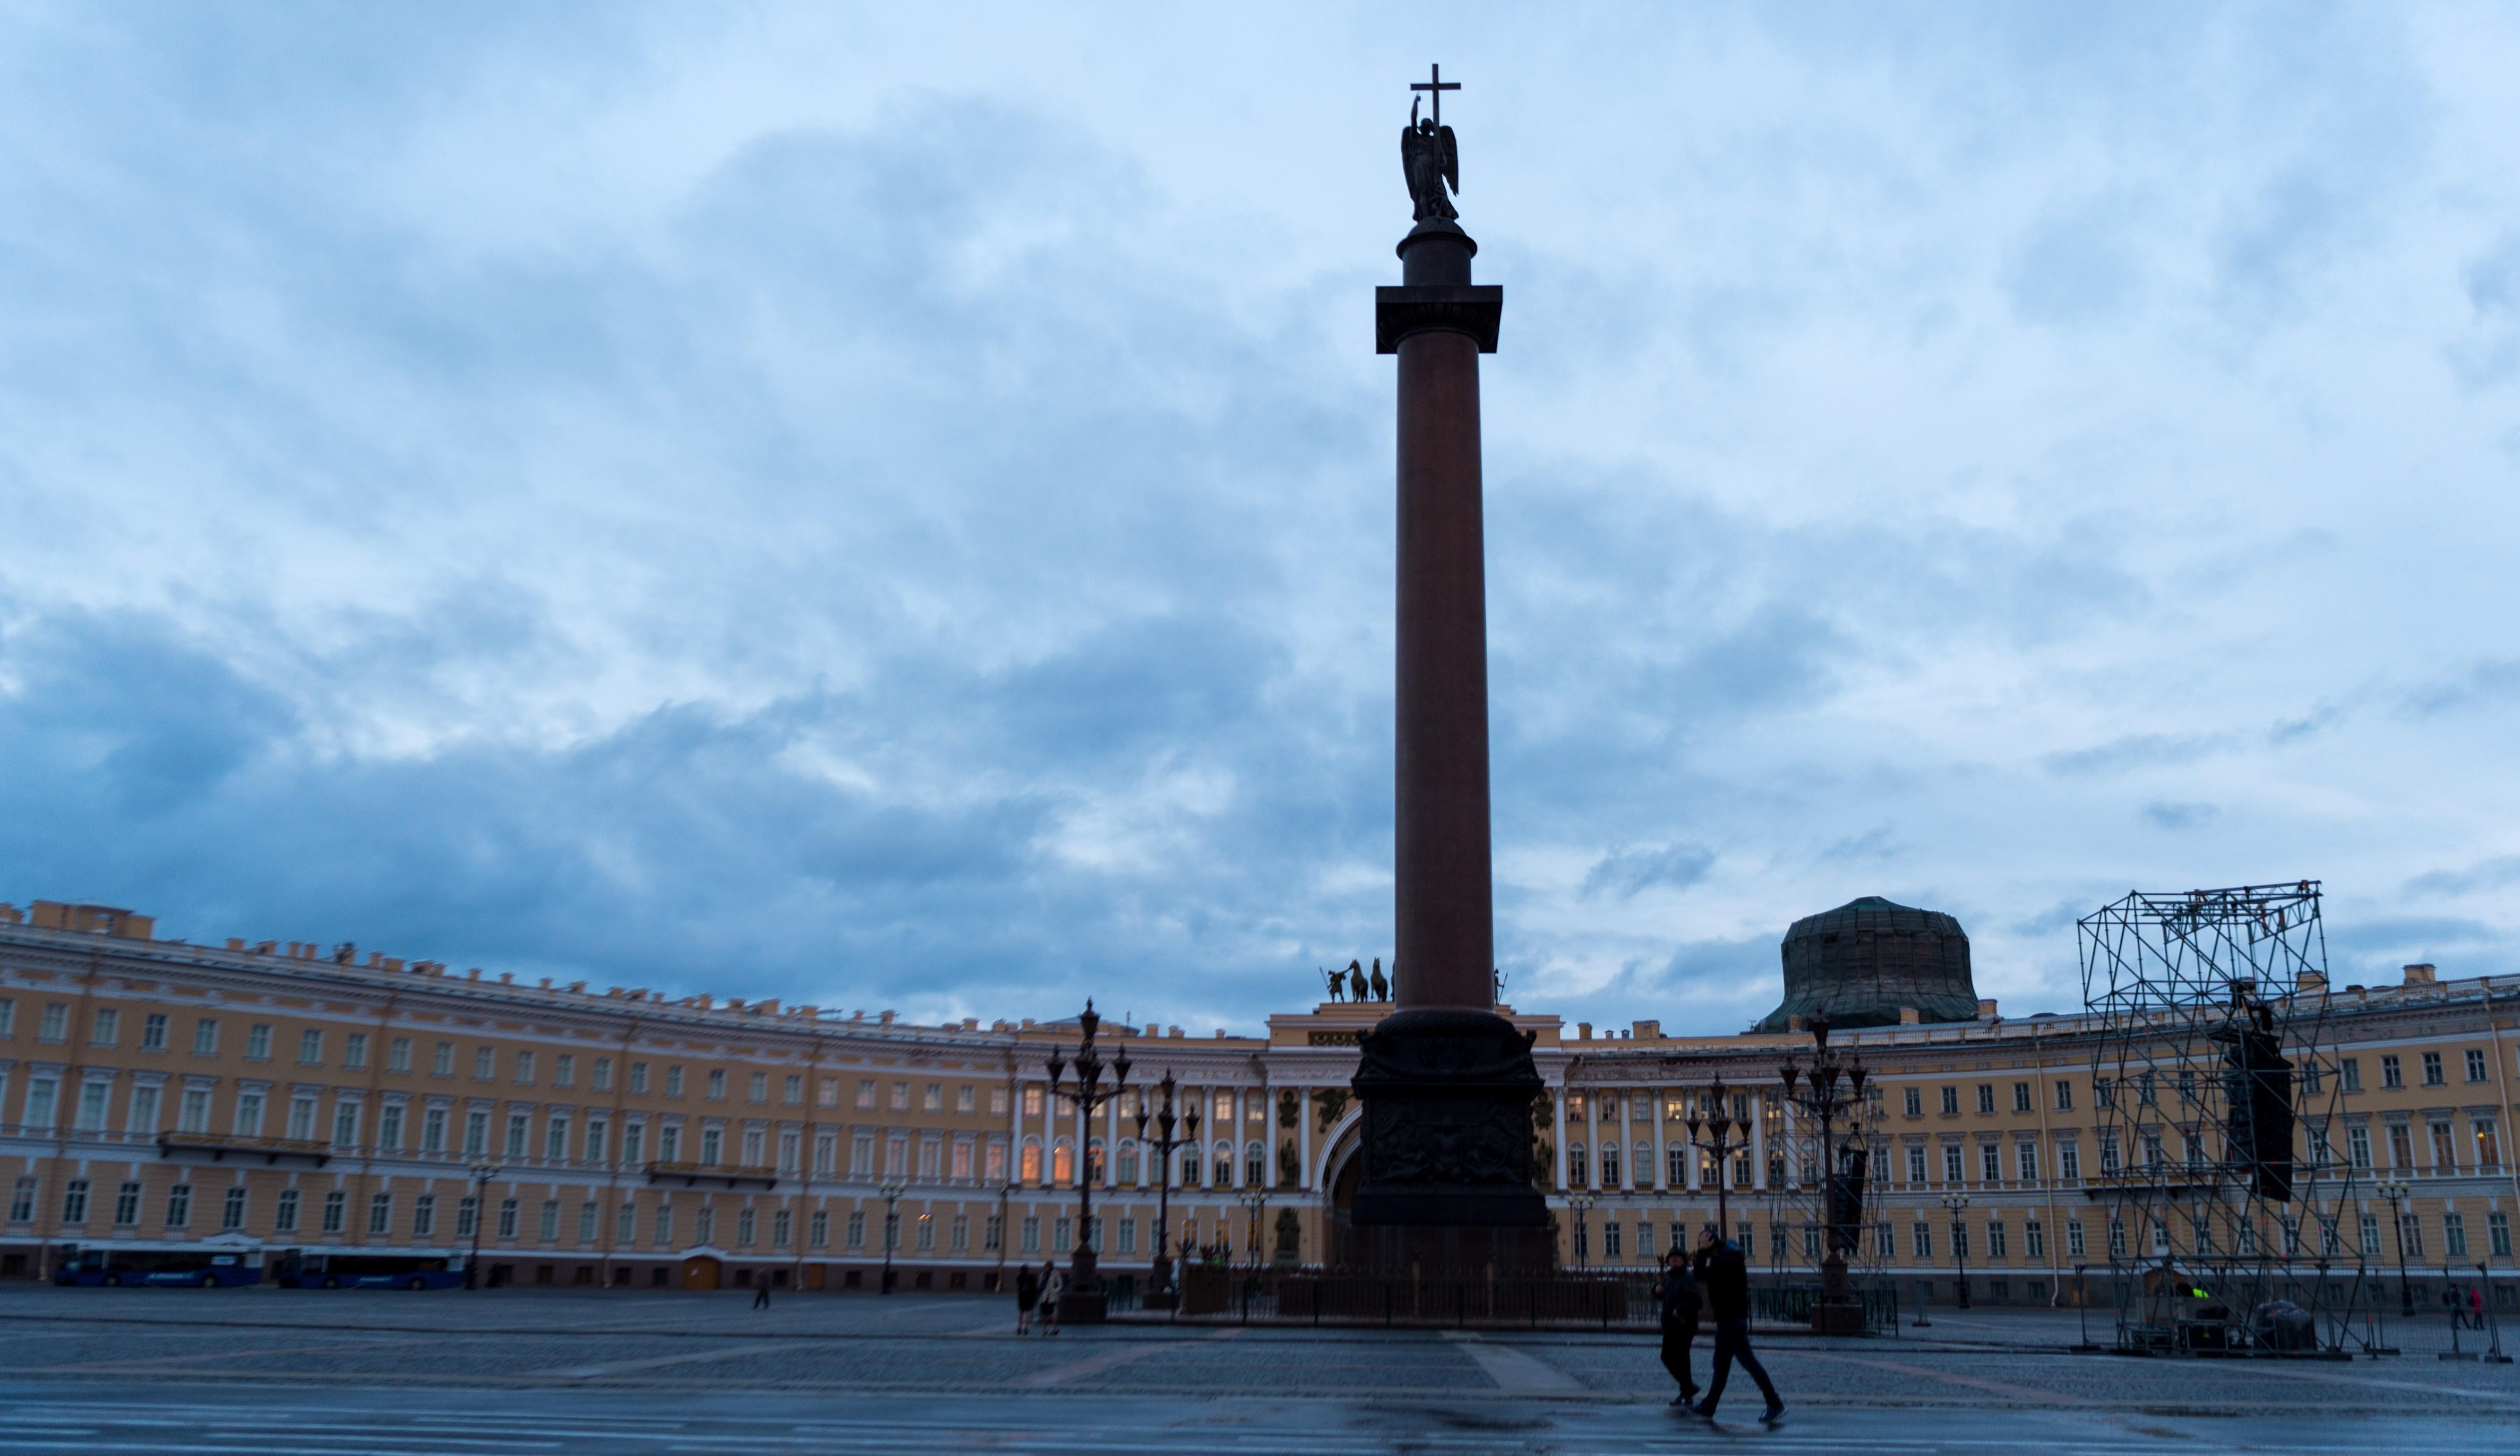 МЧС предупреждает осильном ветре вСанкт-Петербурге всубботу